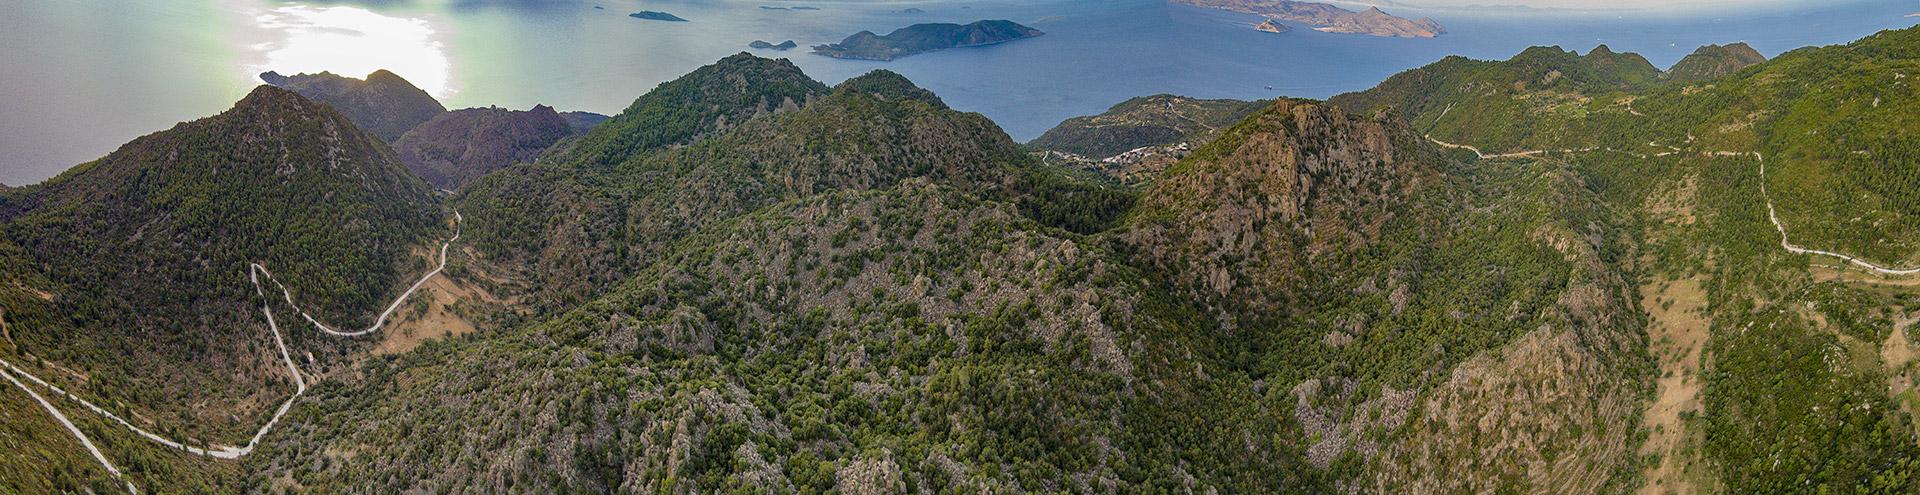 Luftbild von Nord-Methana. (c) Tobias Schorr